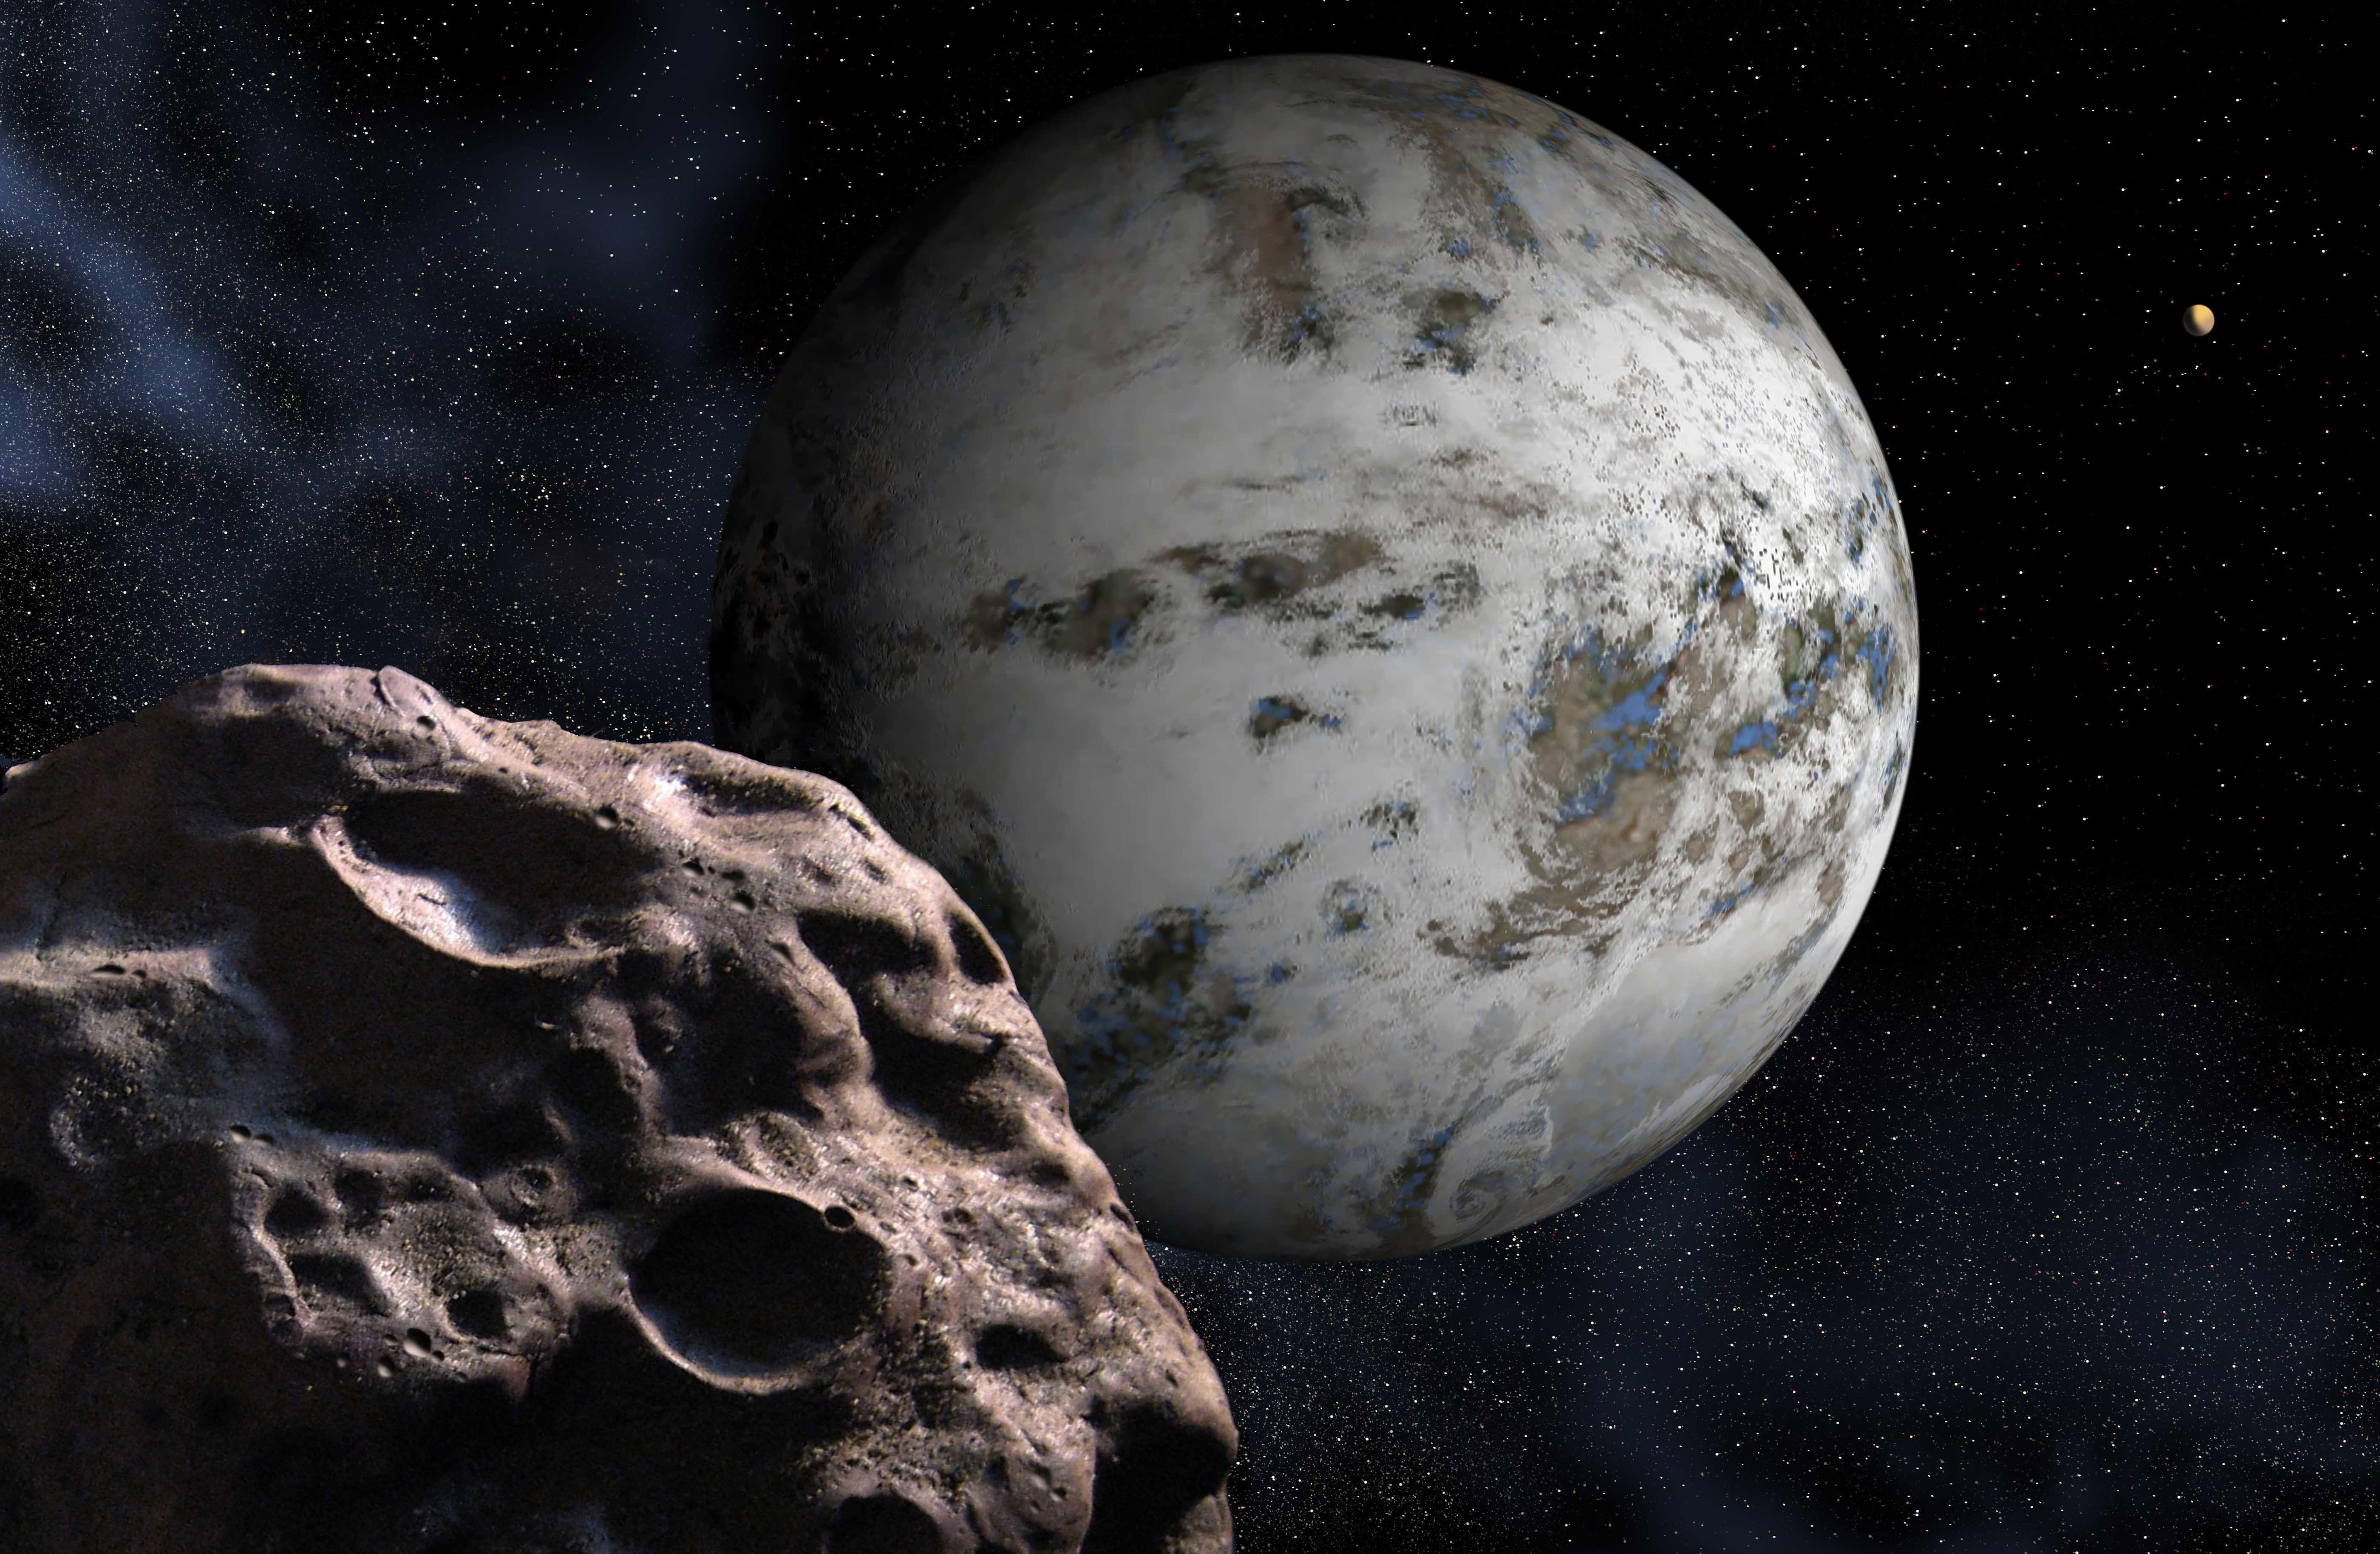 A Kepler-űrteleszkóp tíz Föld-szerű bolygót talált